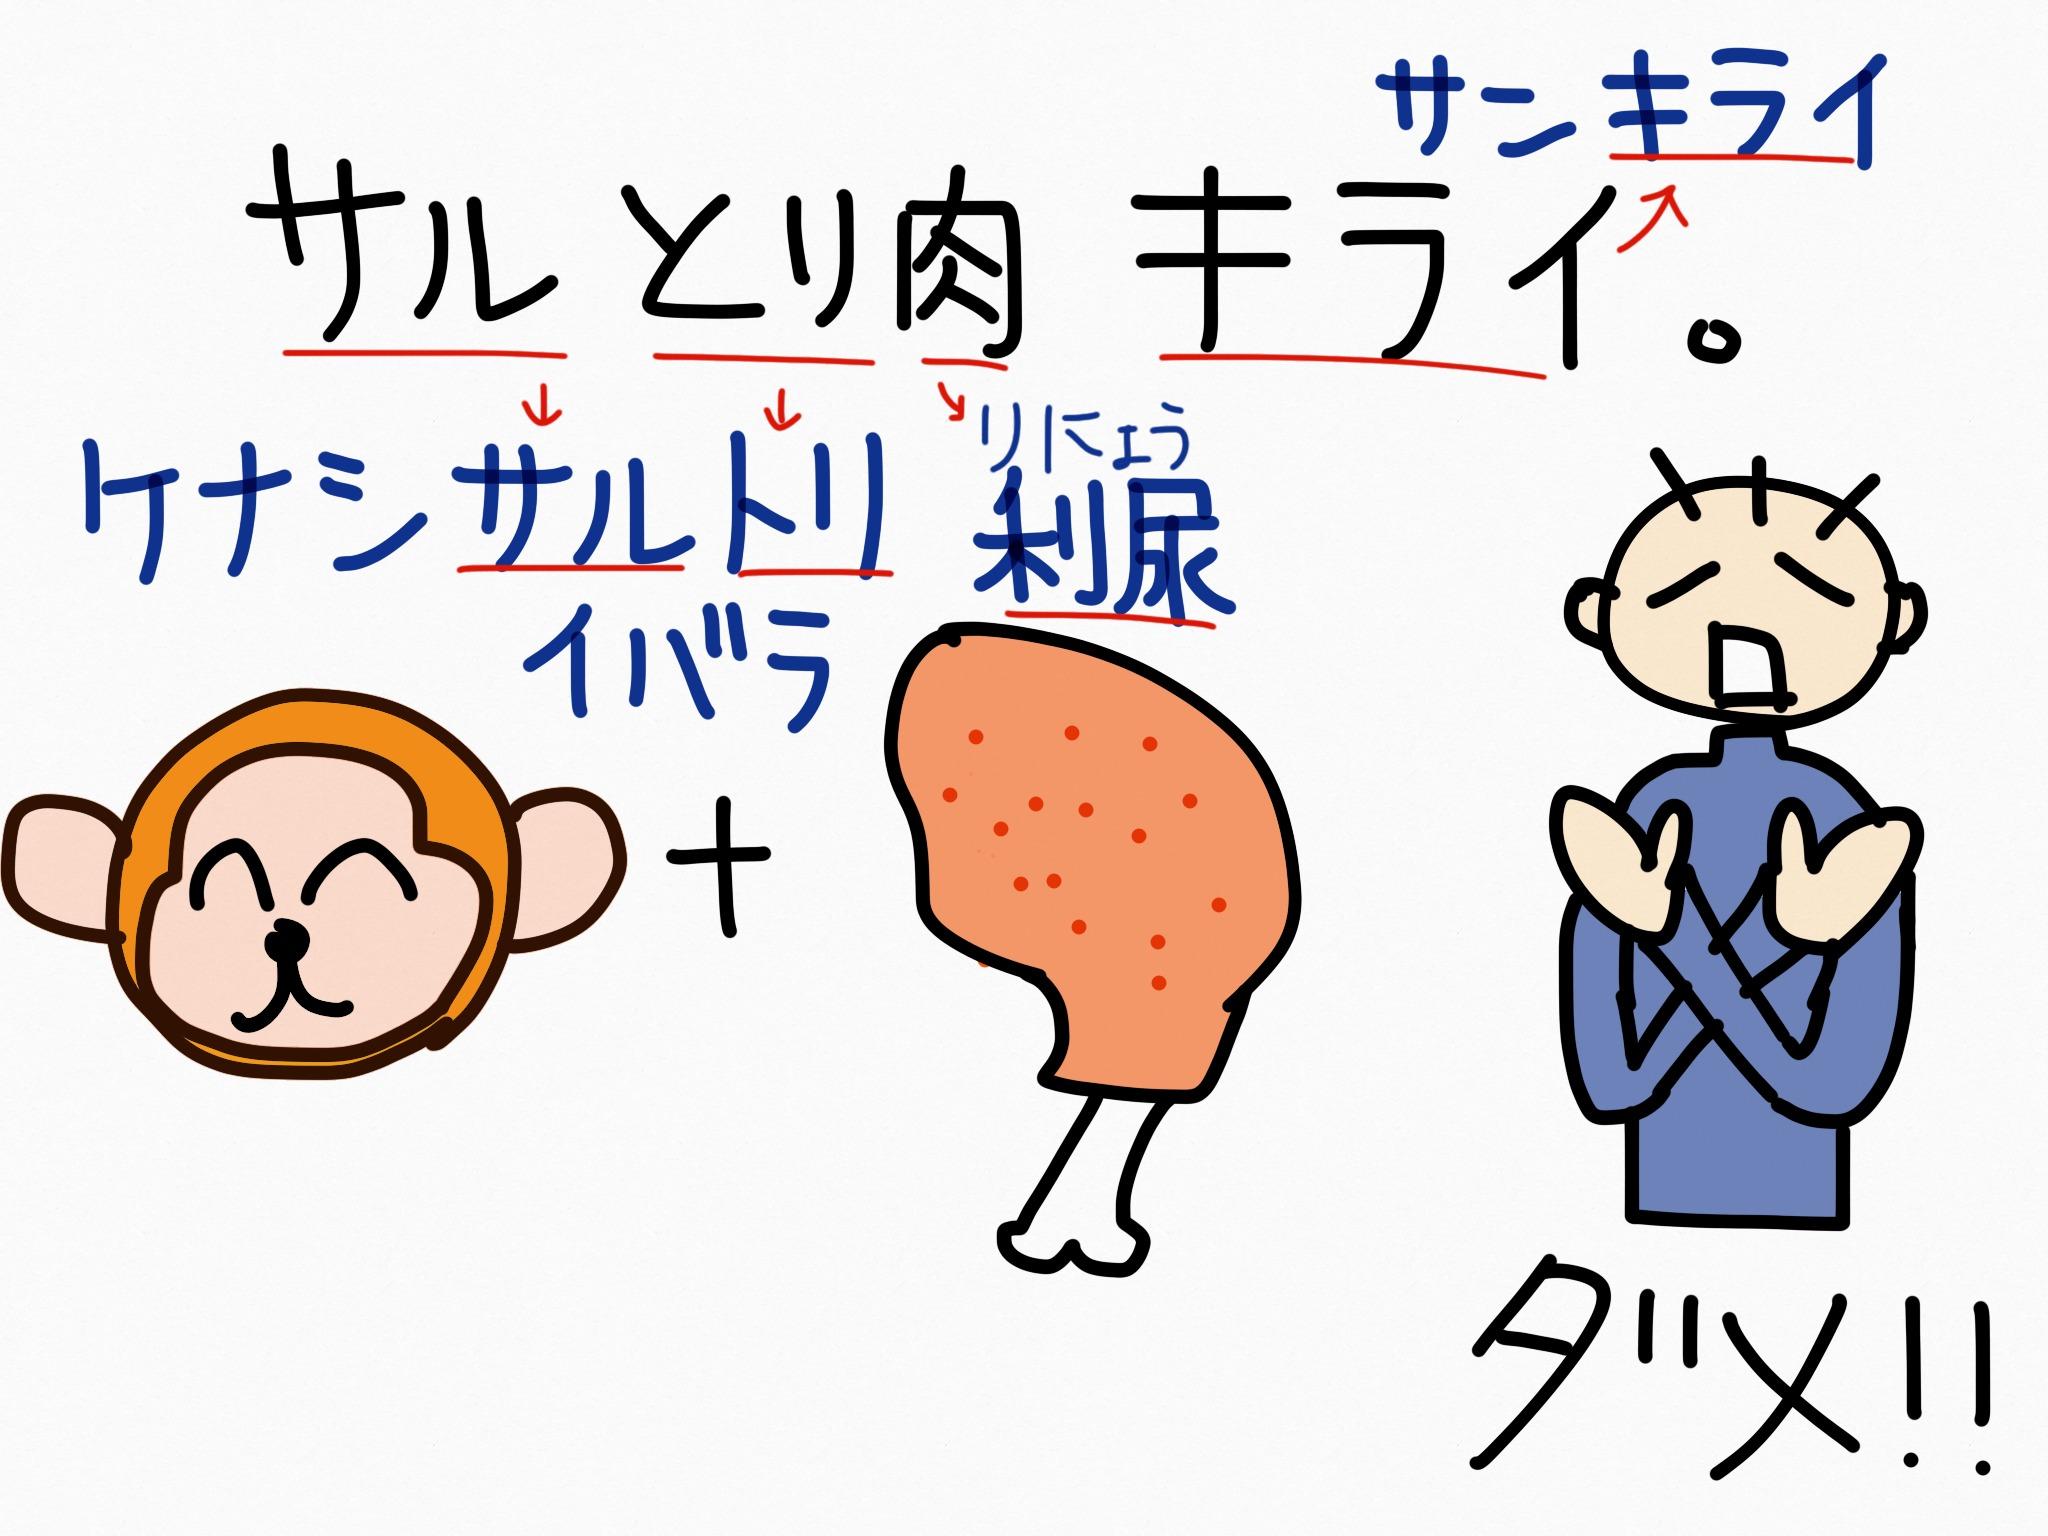 サンキライ[泌尿器用薬]生薬の覚え方・暗記方法・語呂合わせ